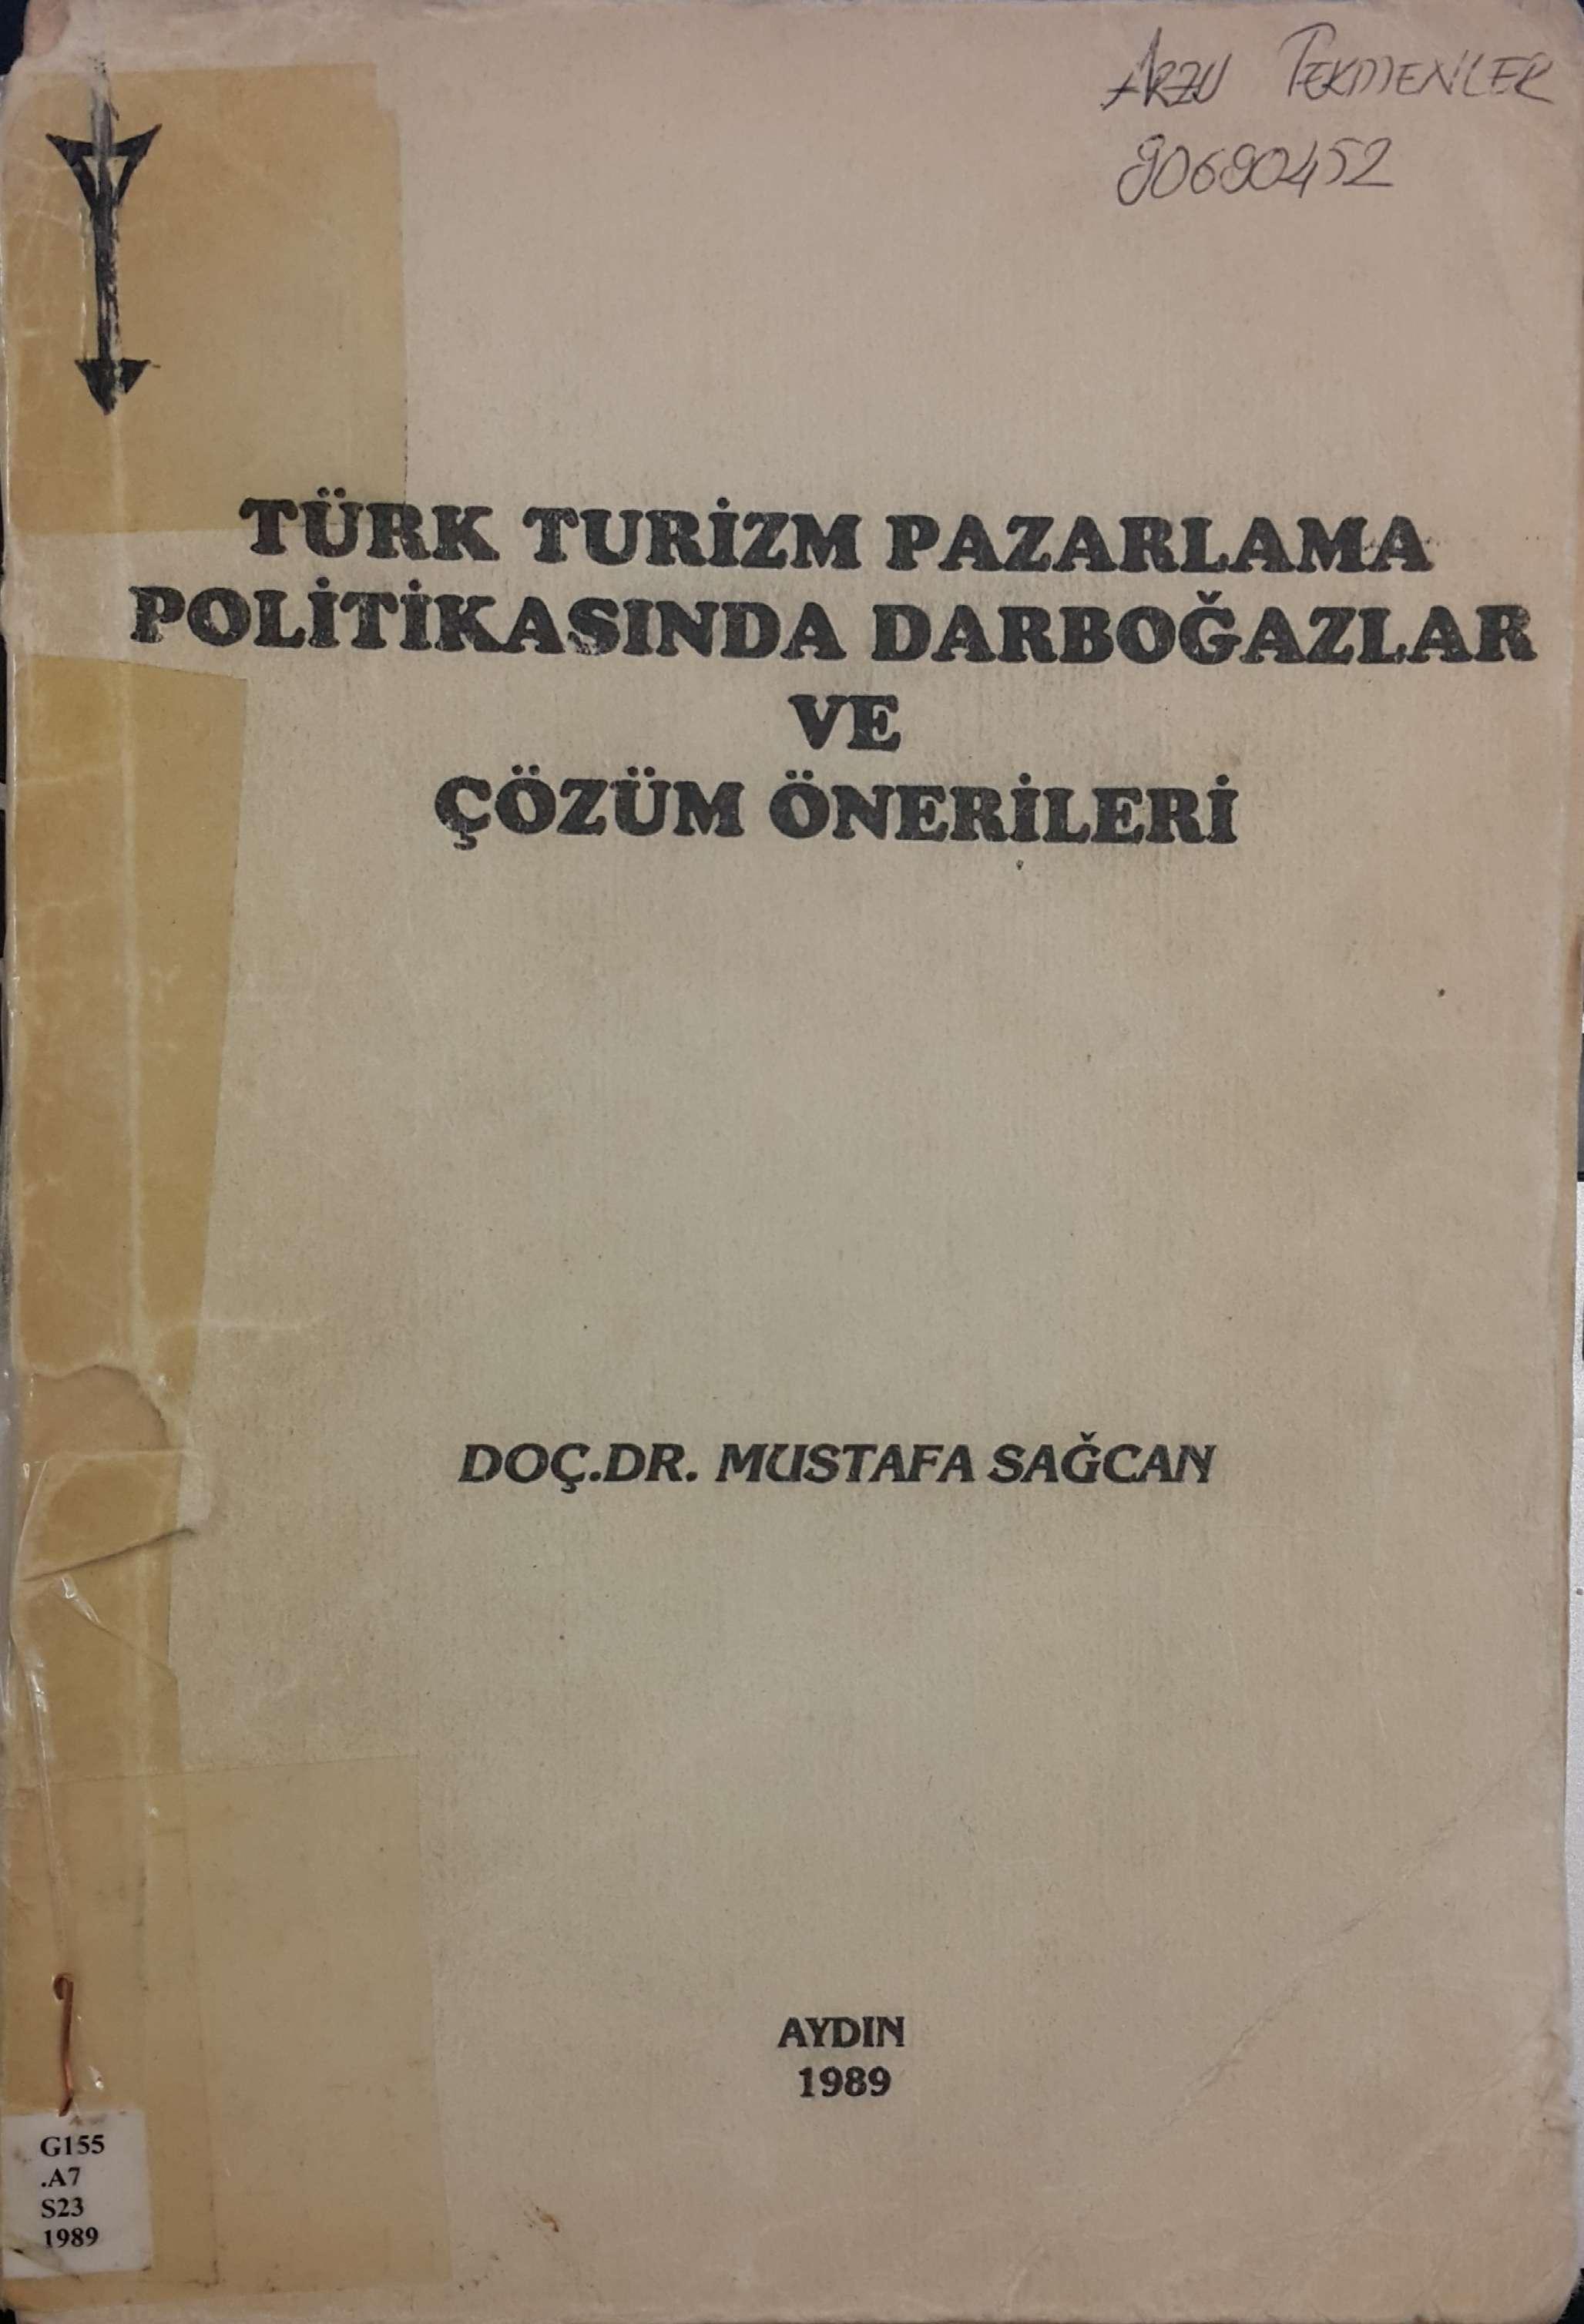 Türk Turizm Pazarlama Politikasında Darboğazlar ve Çözüm Önerileri Kitap Kapağı